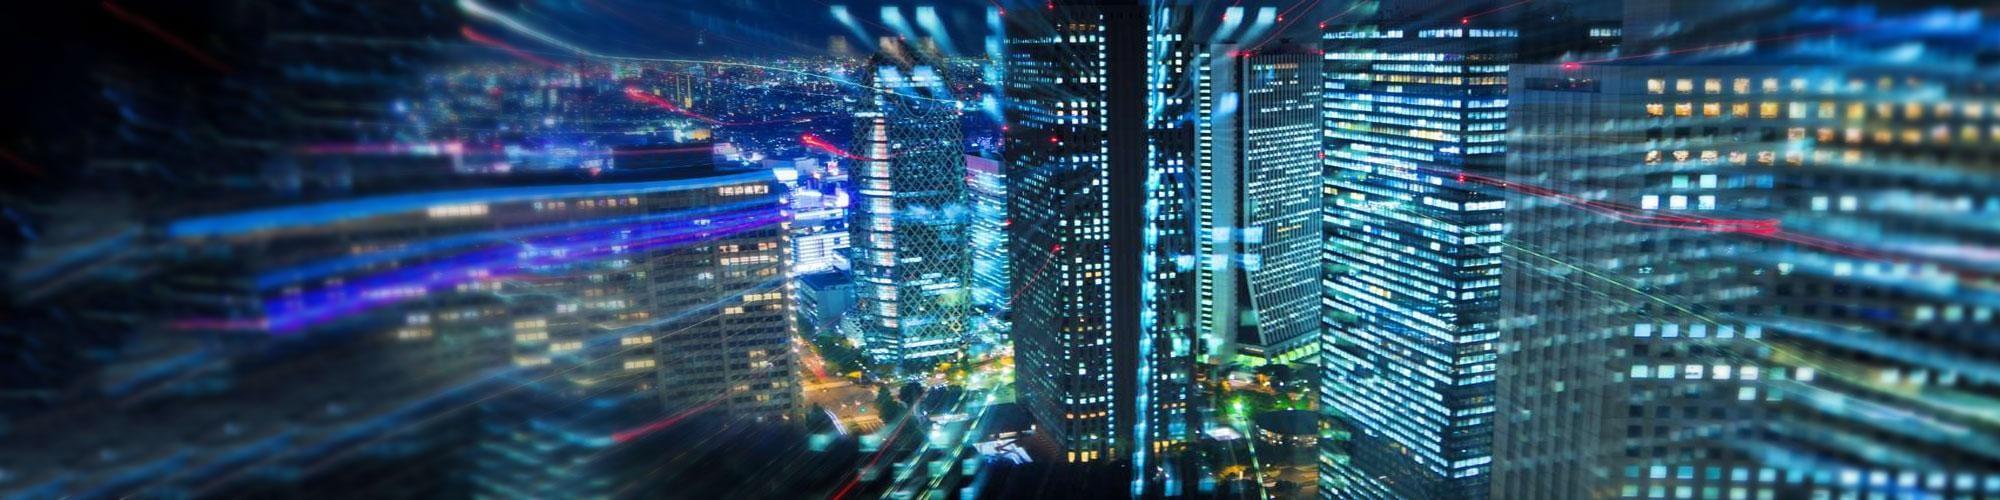 夜晚的城市天际线